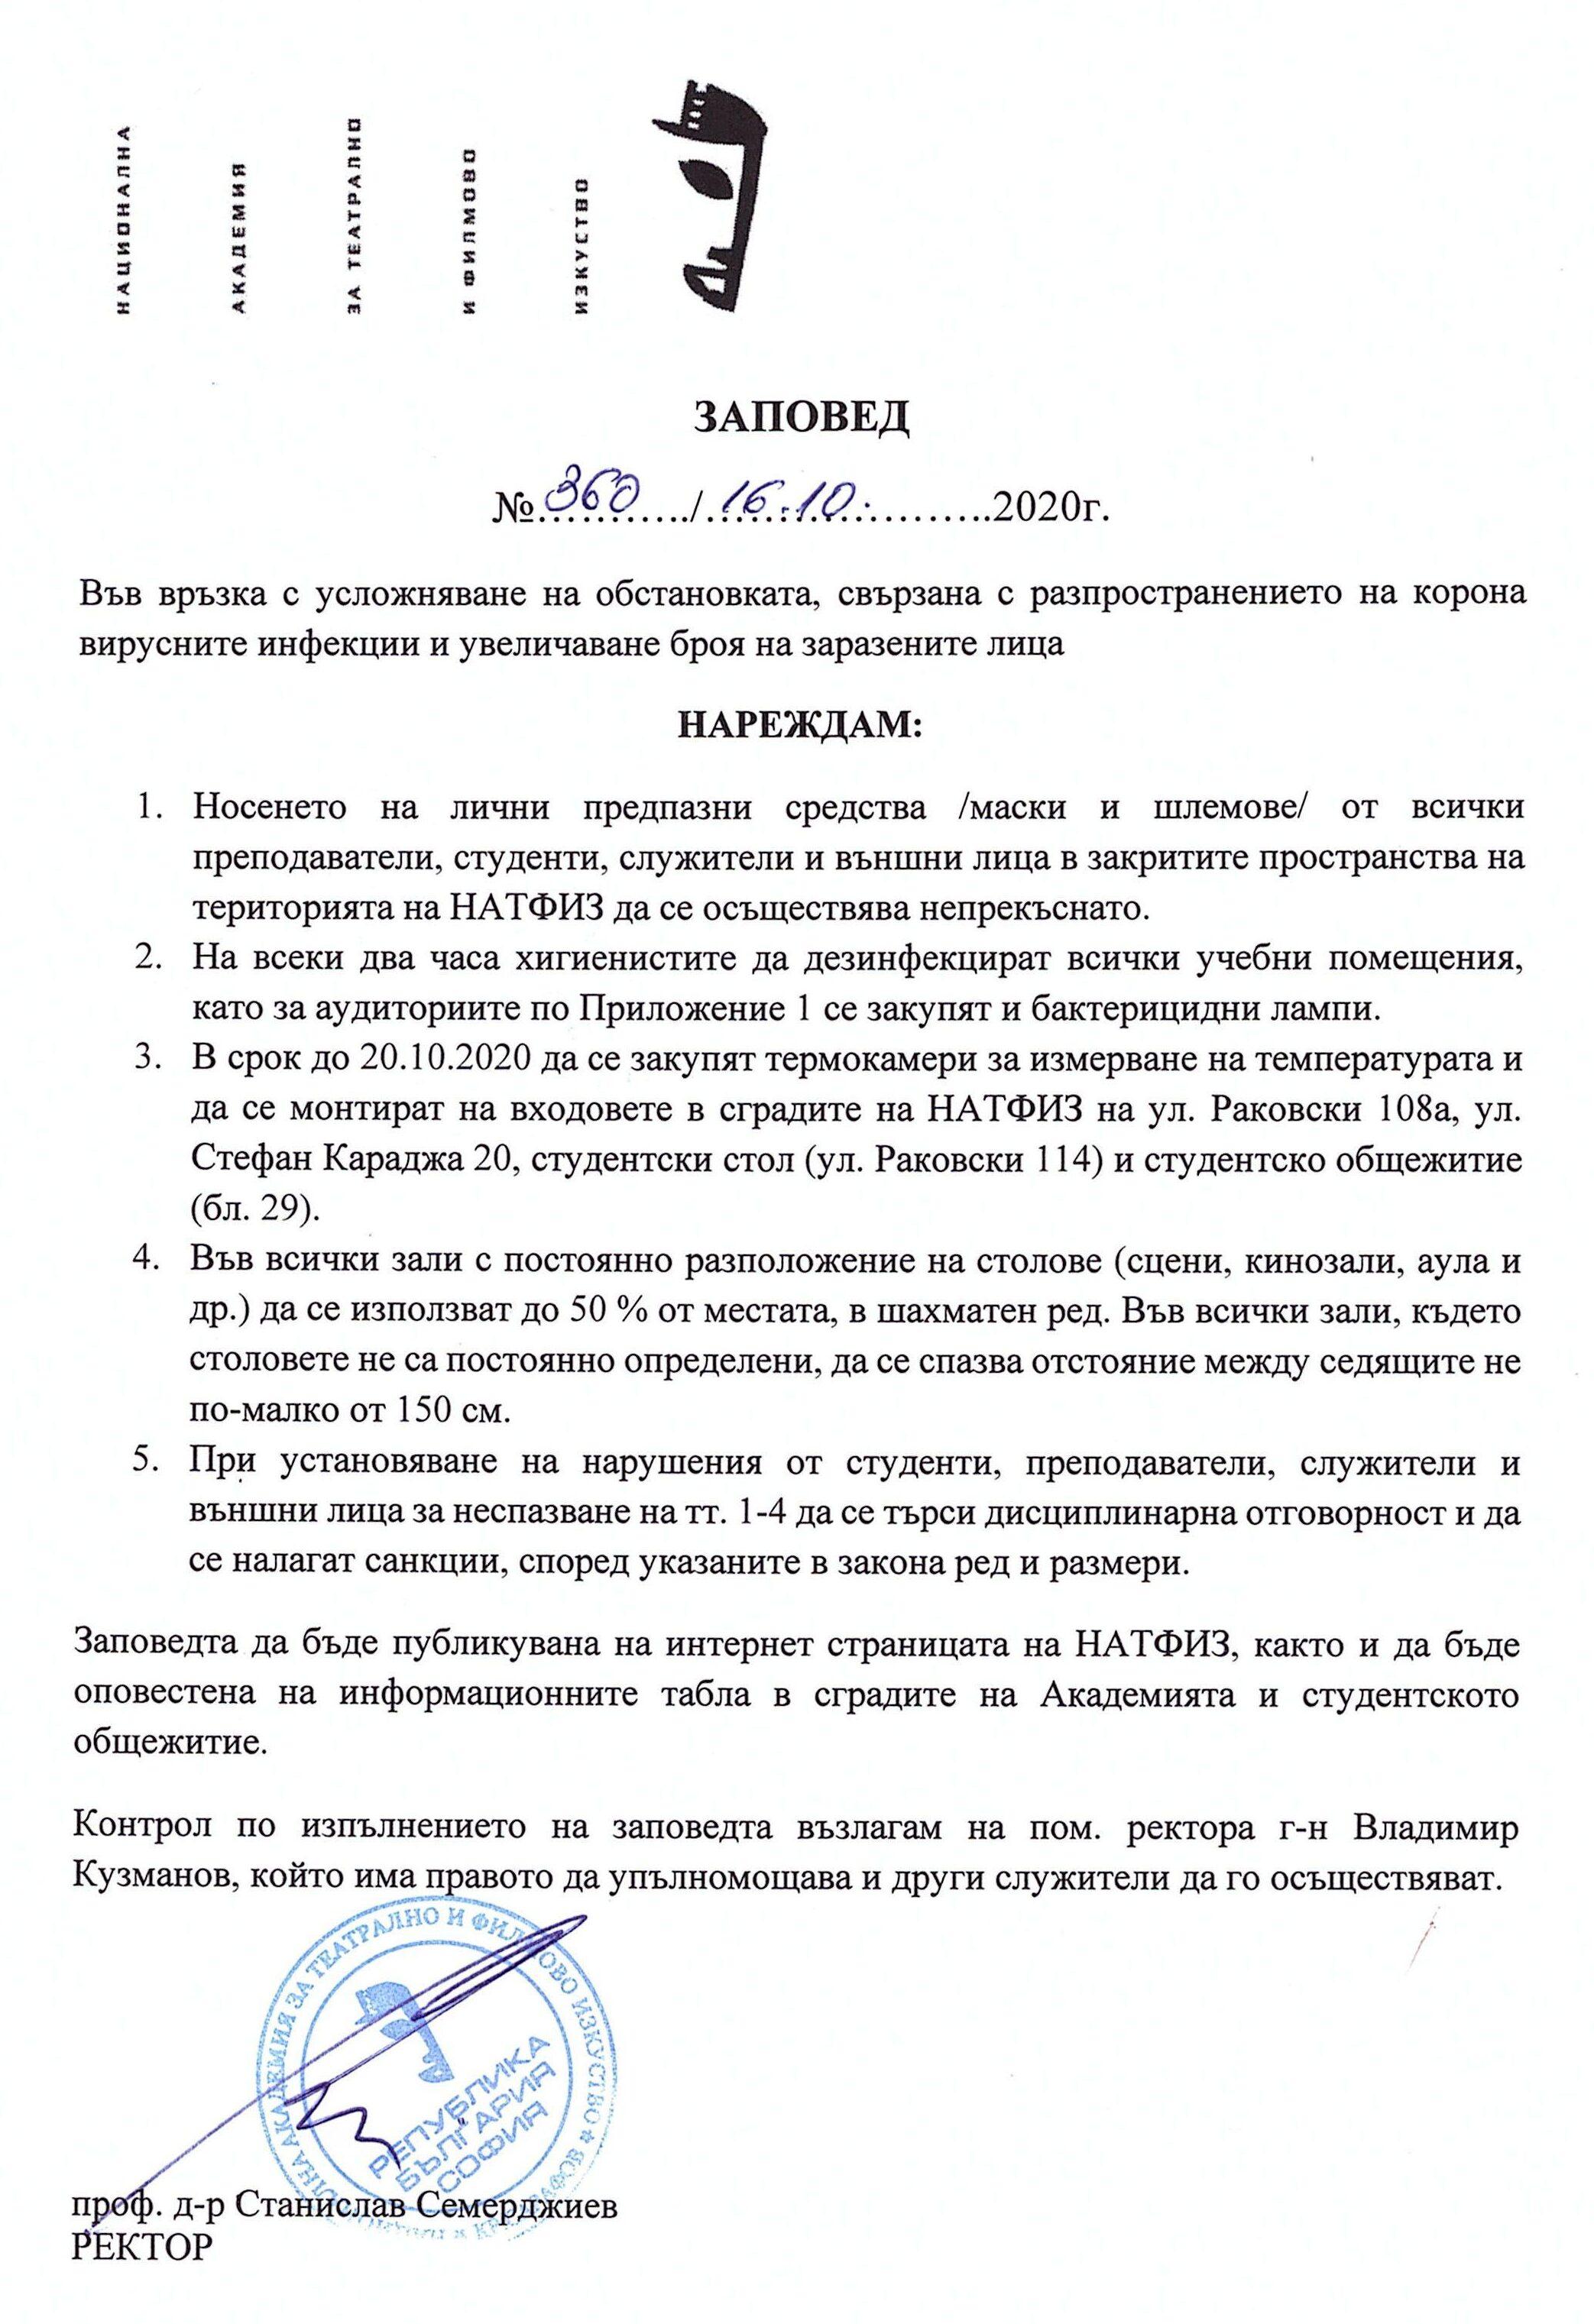 Заповед №360 /16.10.2020 г. – мерки във връзка с разпространението на коронавирус и увеличаване на броя на заразените лица